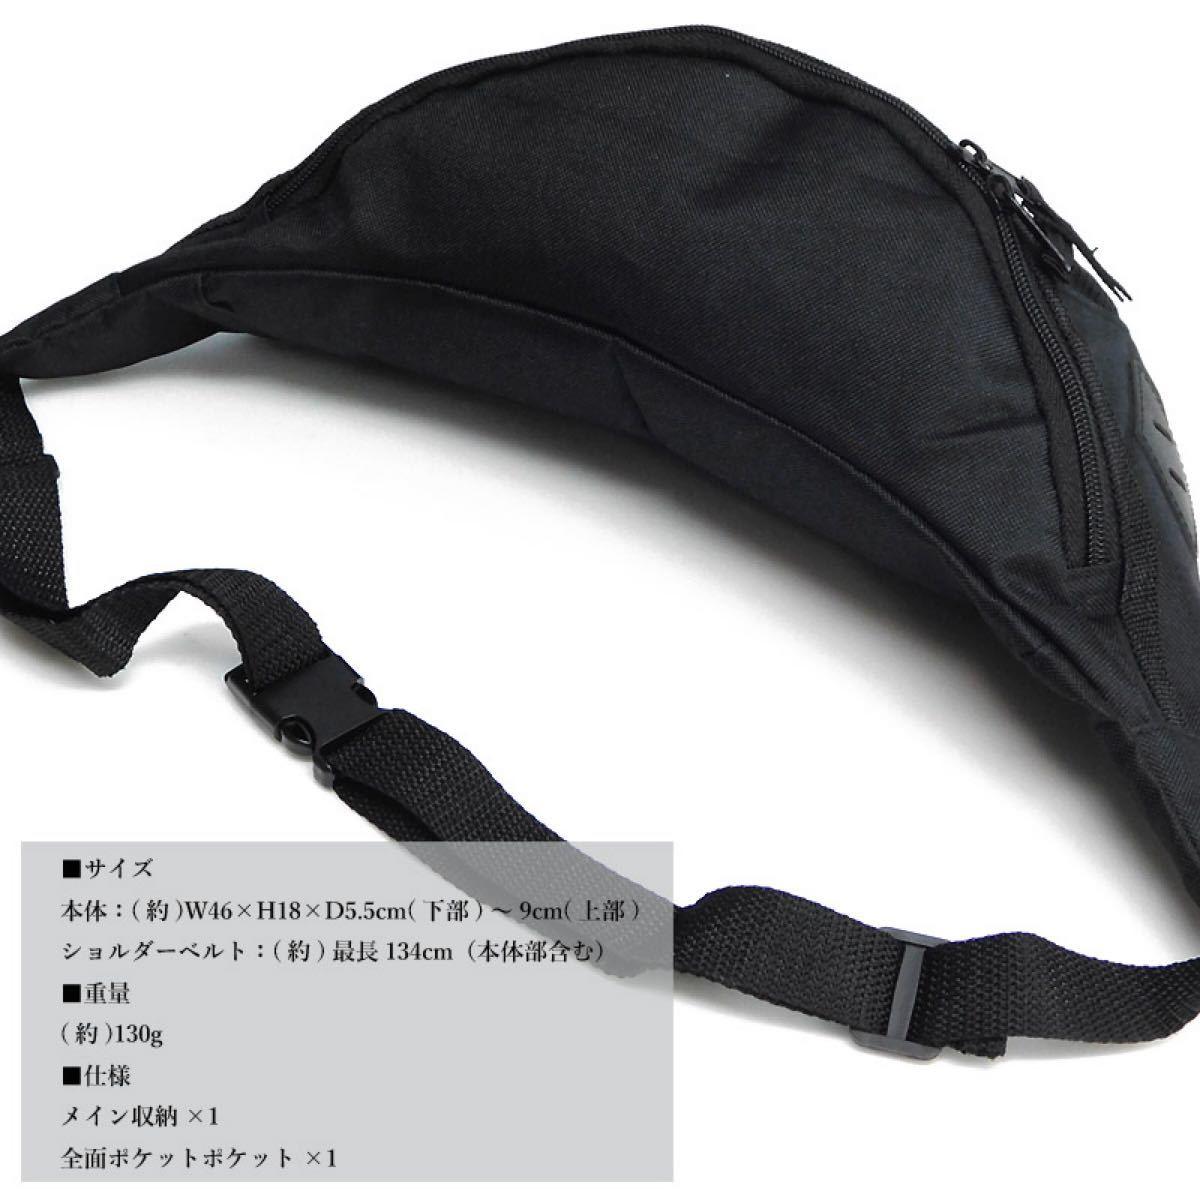 ウエストバッグ ボディバッグ ウエストポーチ メンズ レディース アウトドア ウエポ 通勤 通学 新品 黒 ブラック